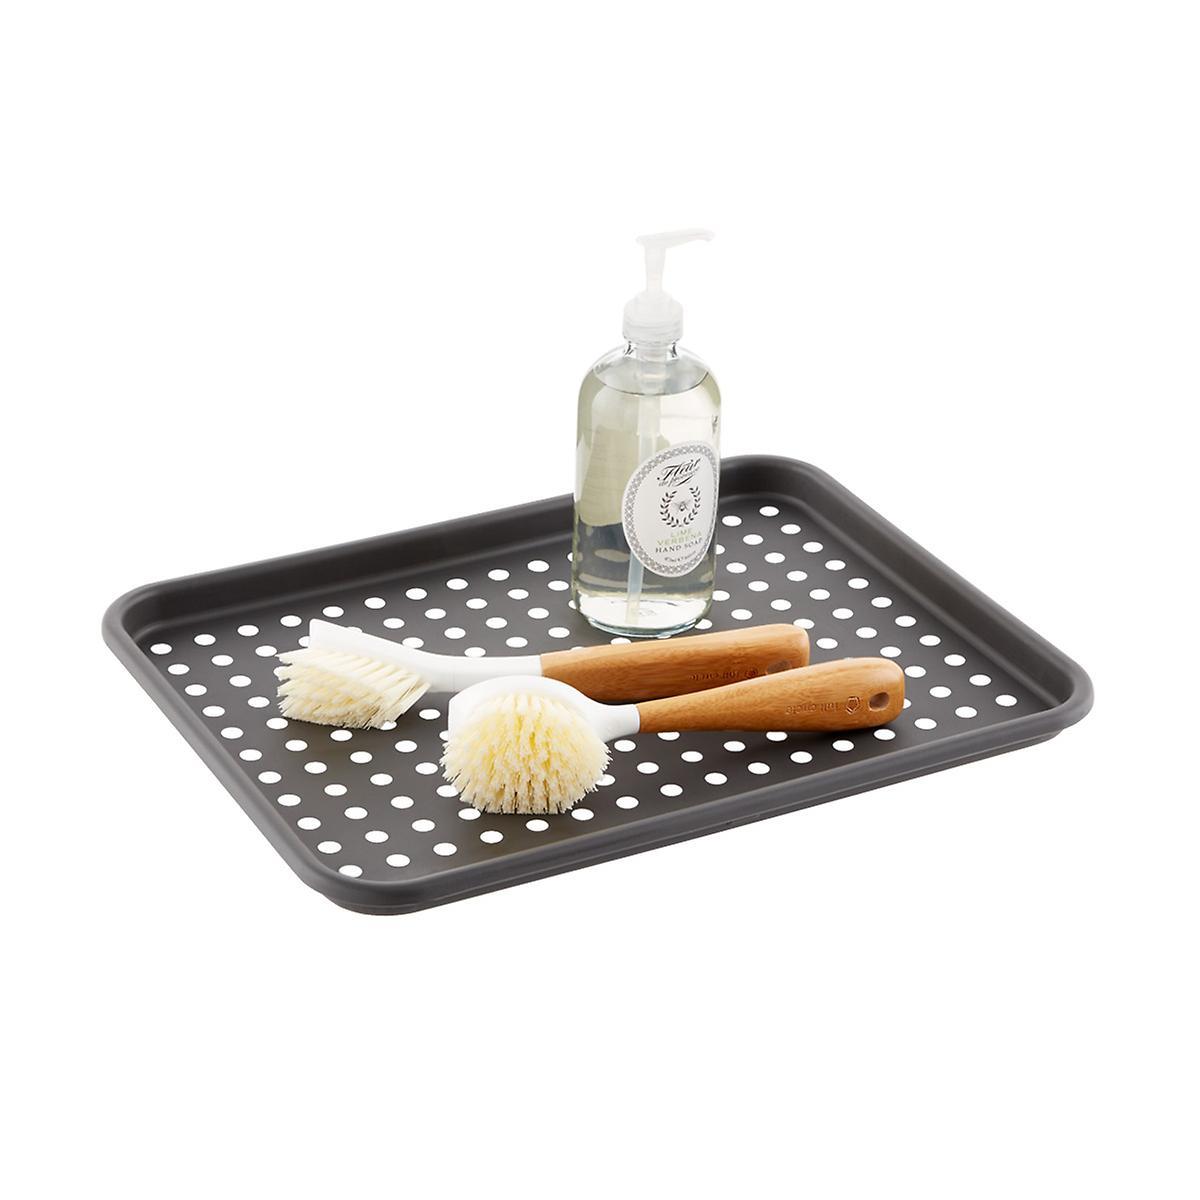 madesmart Under Sink Drip Tray